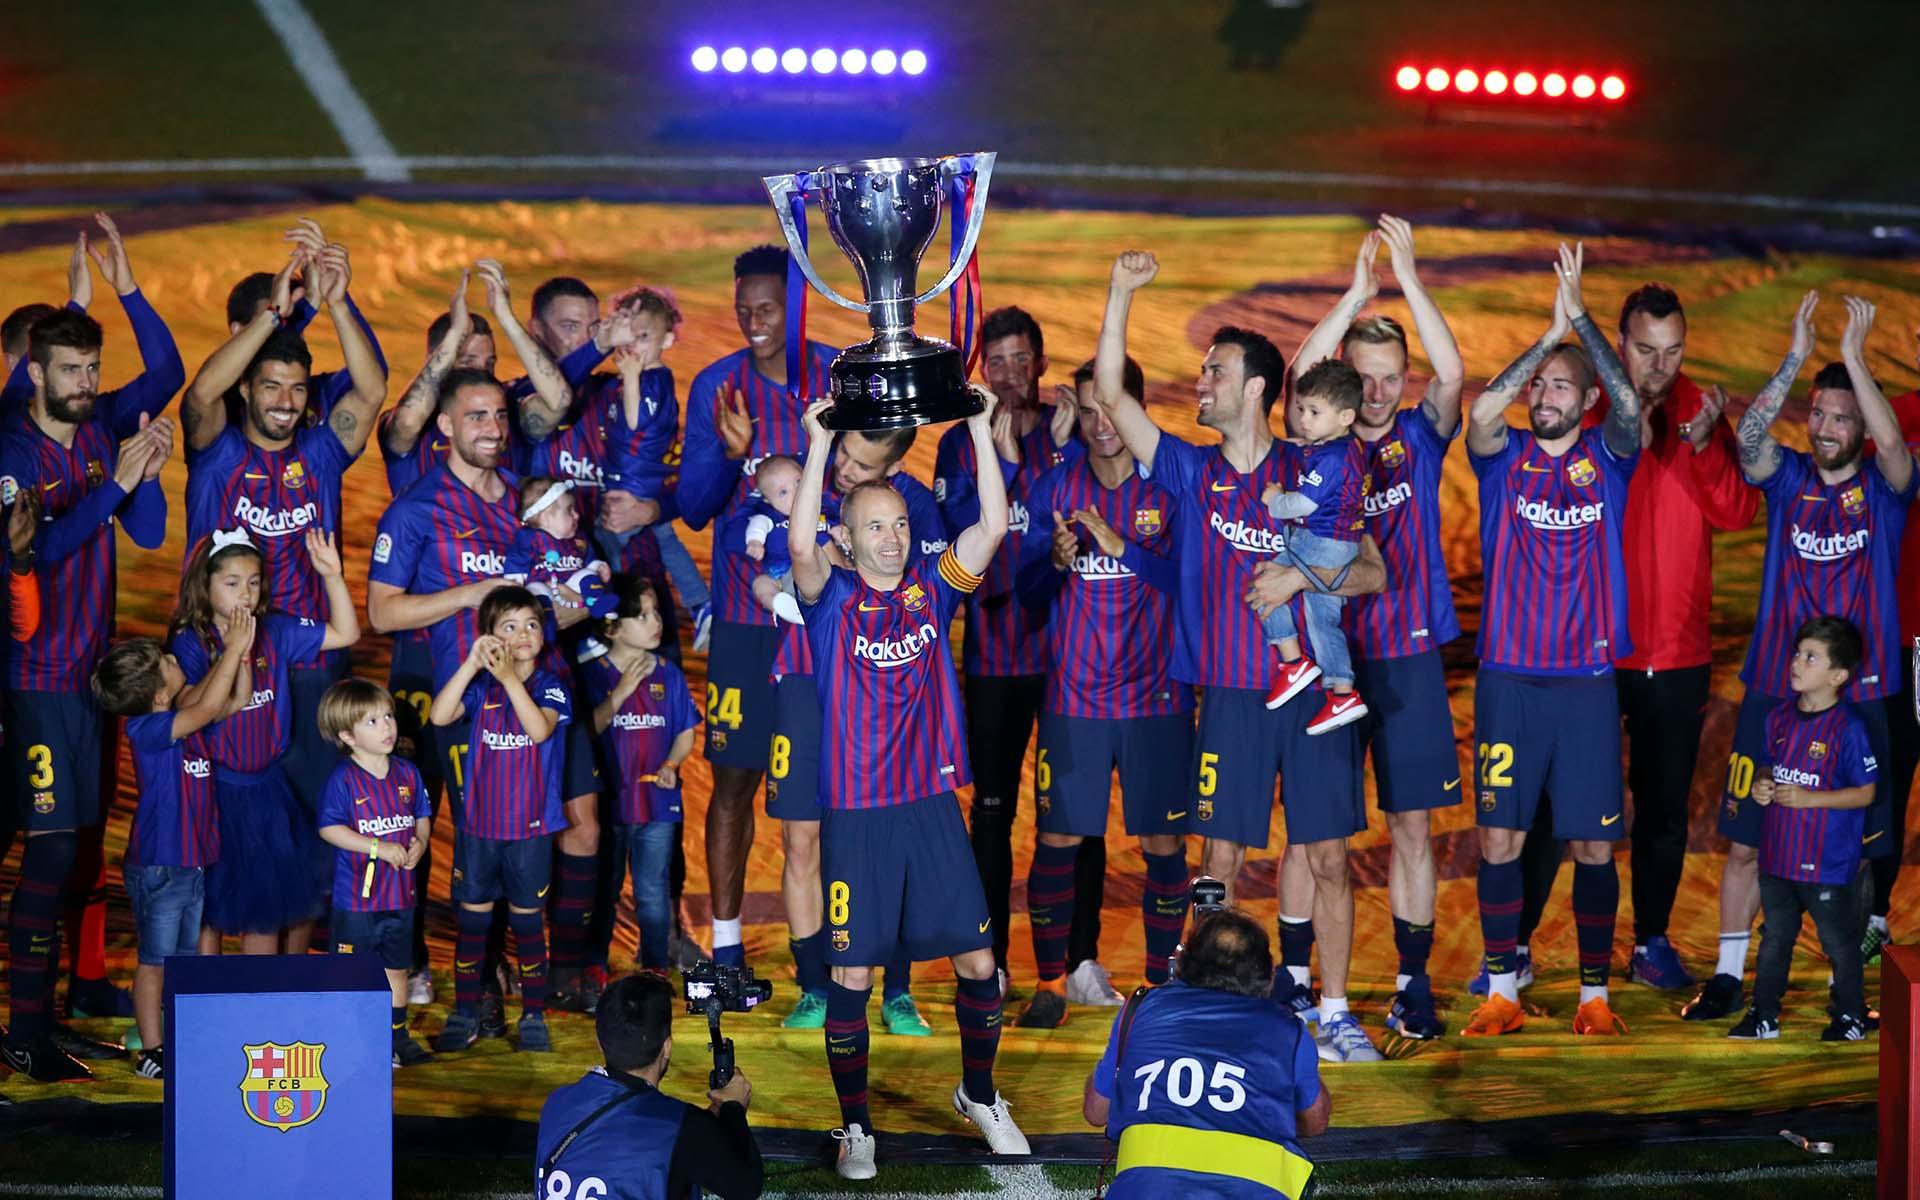 """""""Mi último partido con mi gente. Muchas emociones pero orgulloso de vivir un momento así. Siempre Barça!"""", había escrito antes del cotejo"""